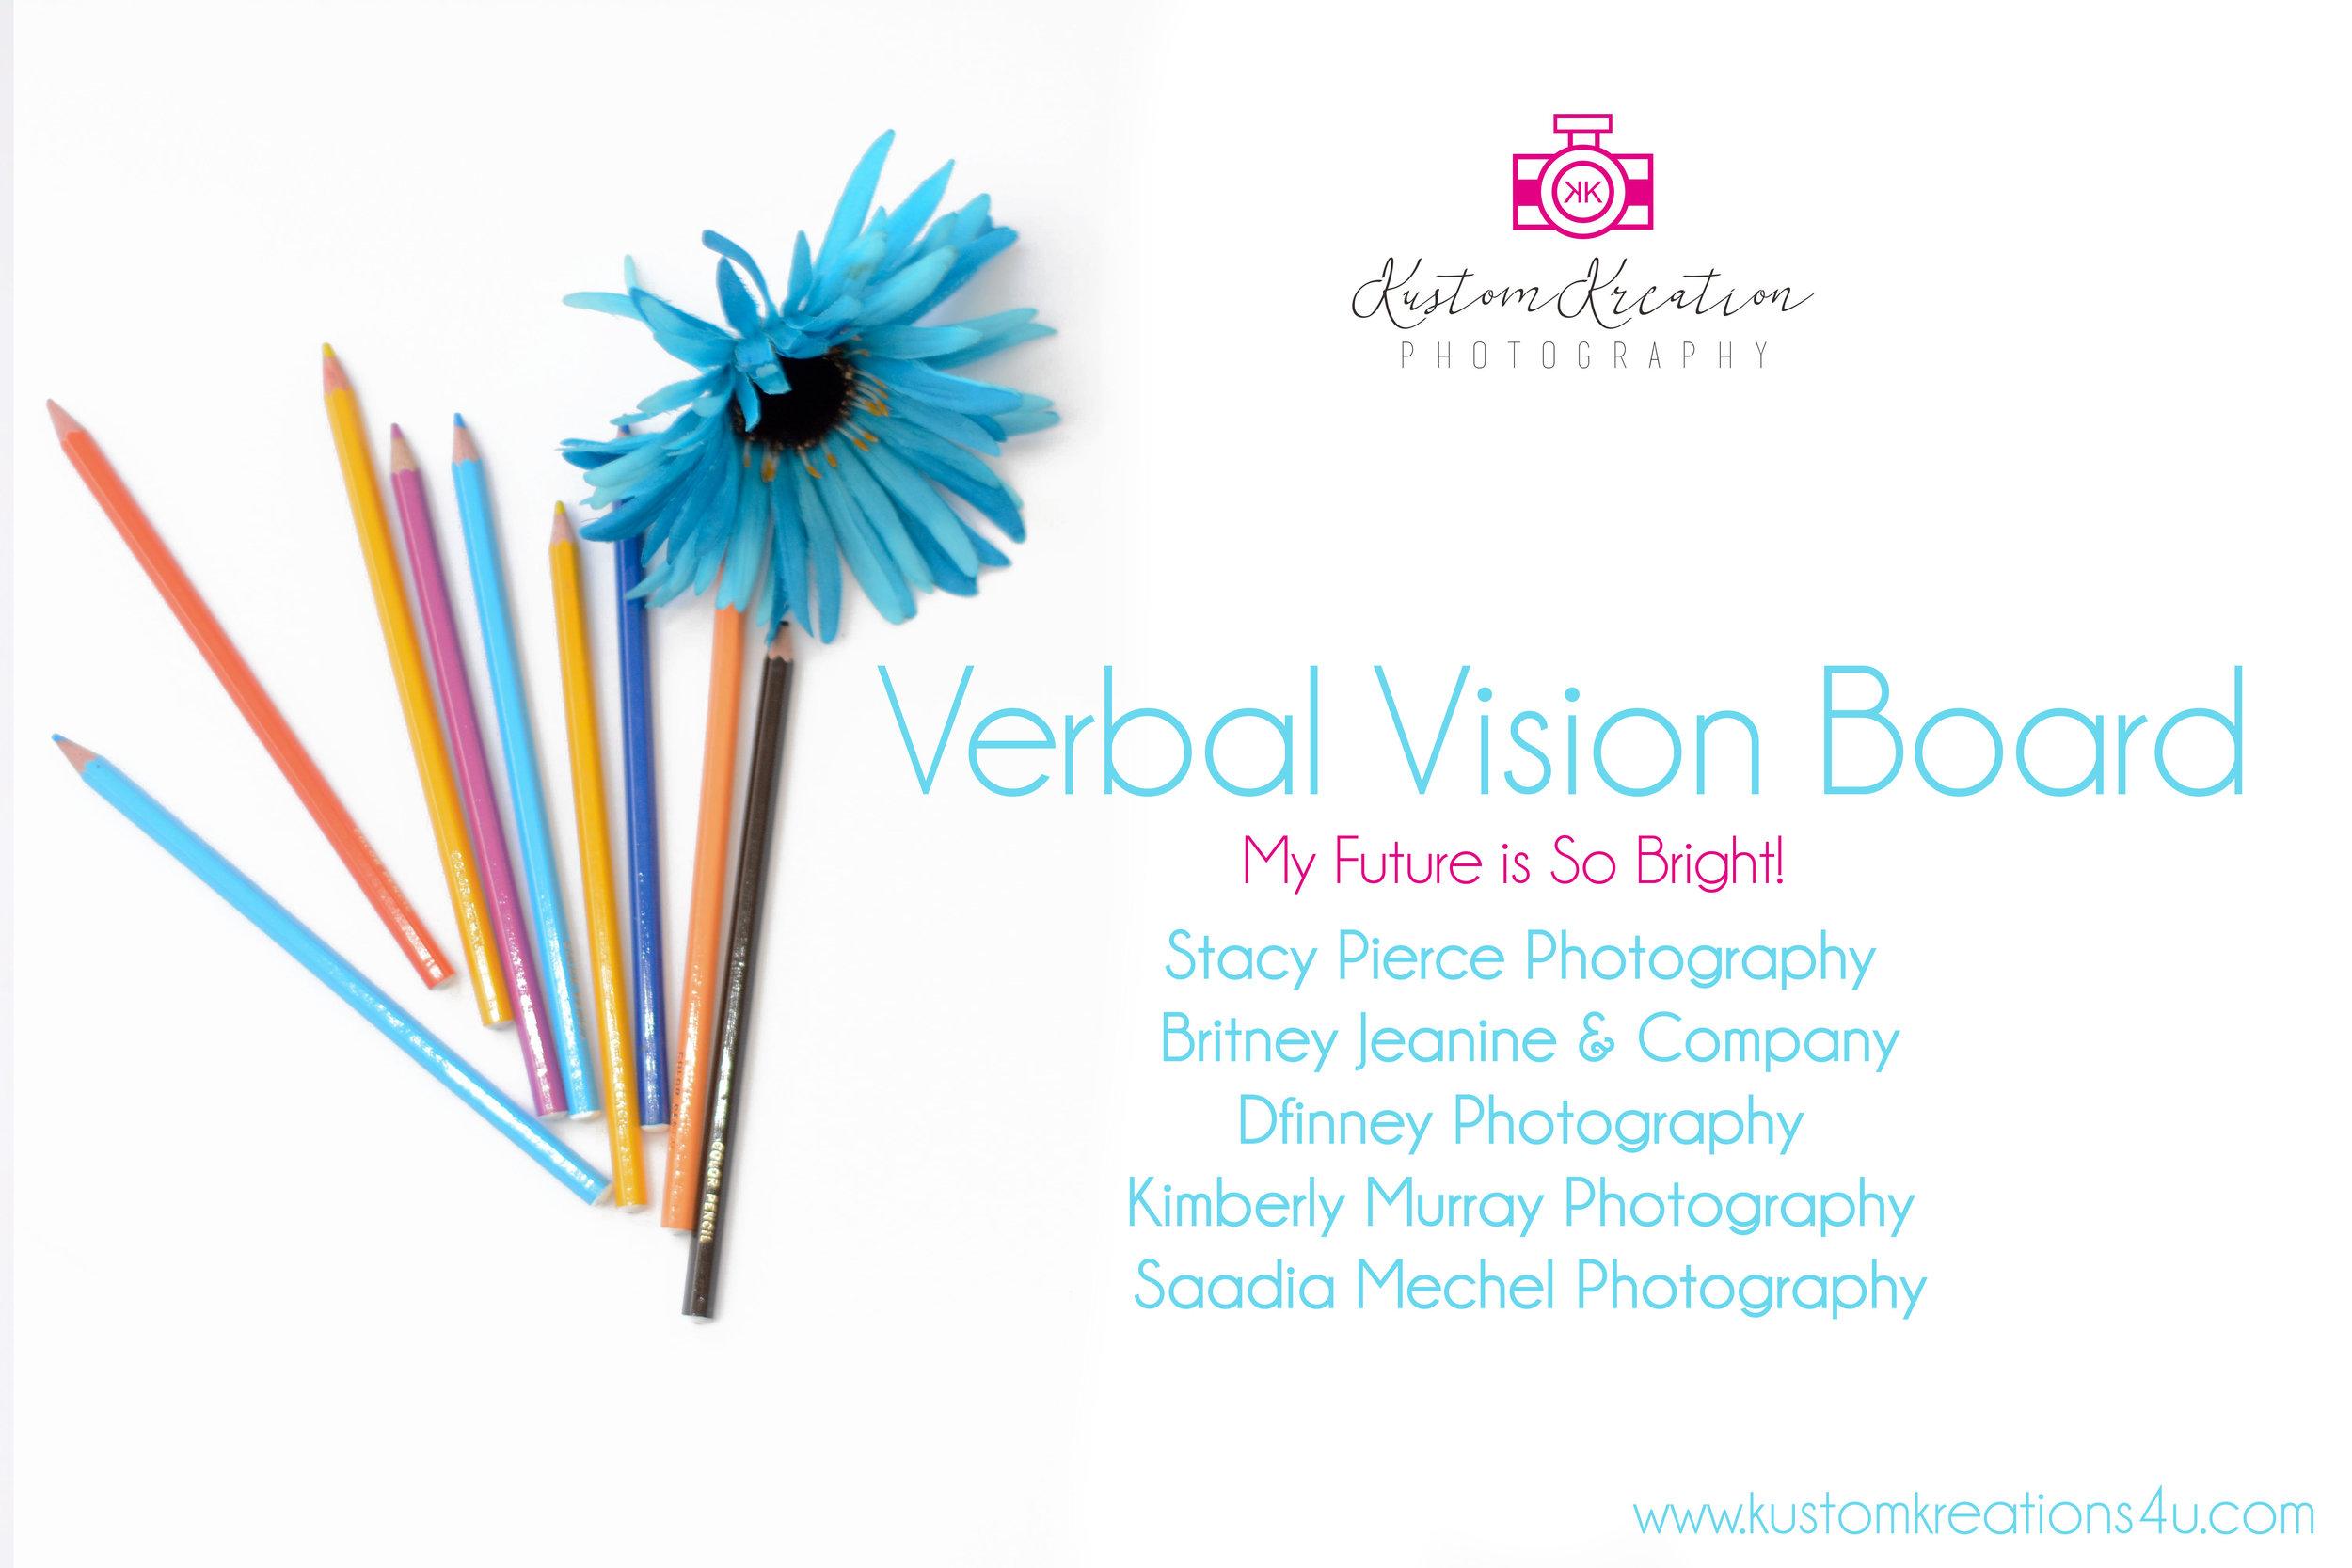 Verbal Vision Board_3-16-18.jpg